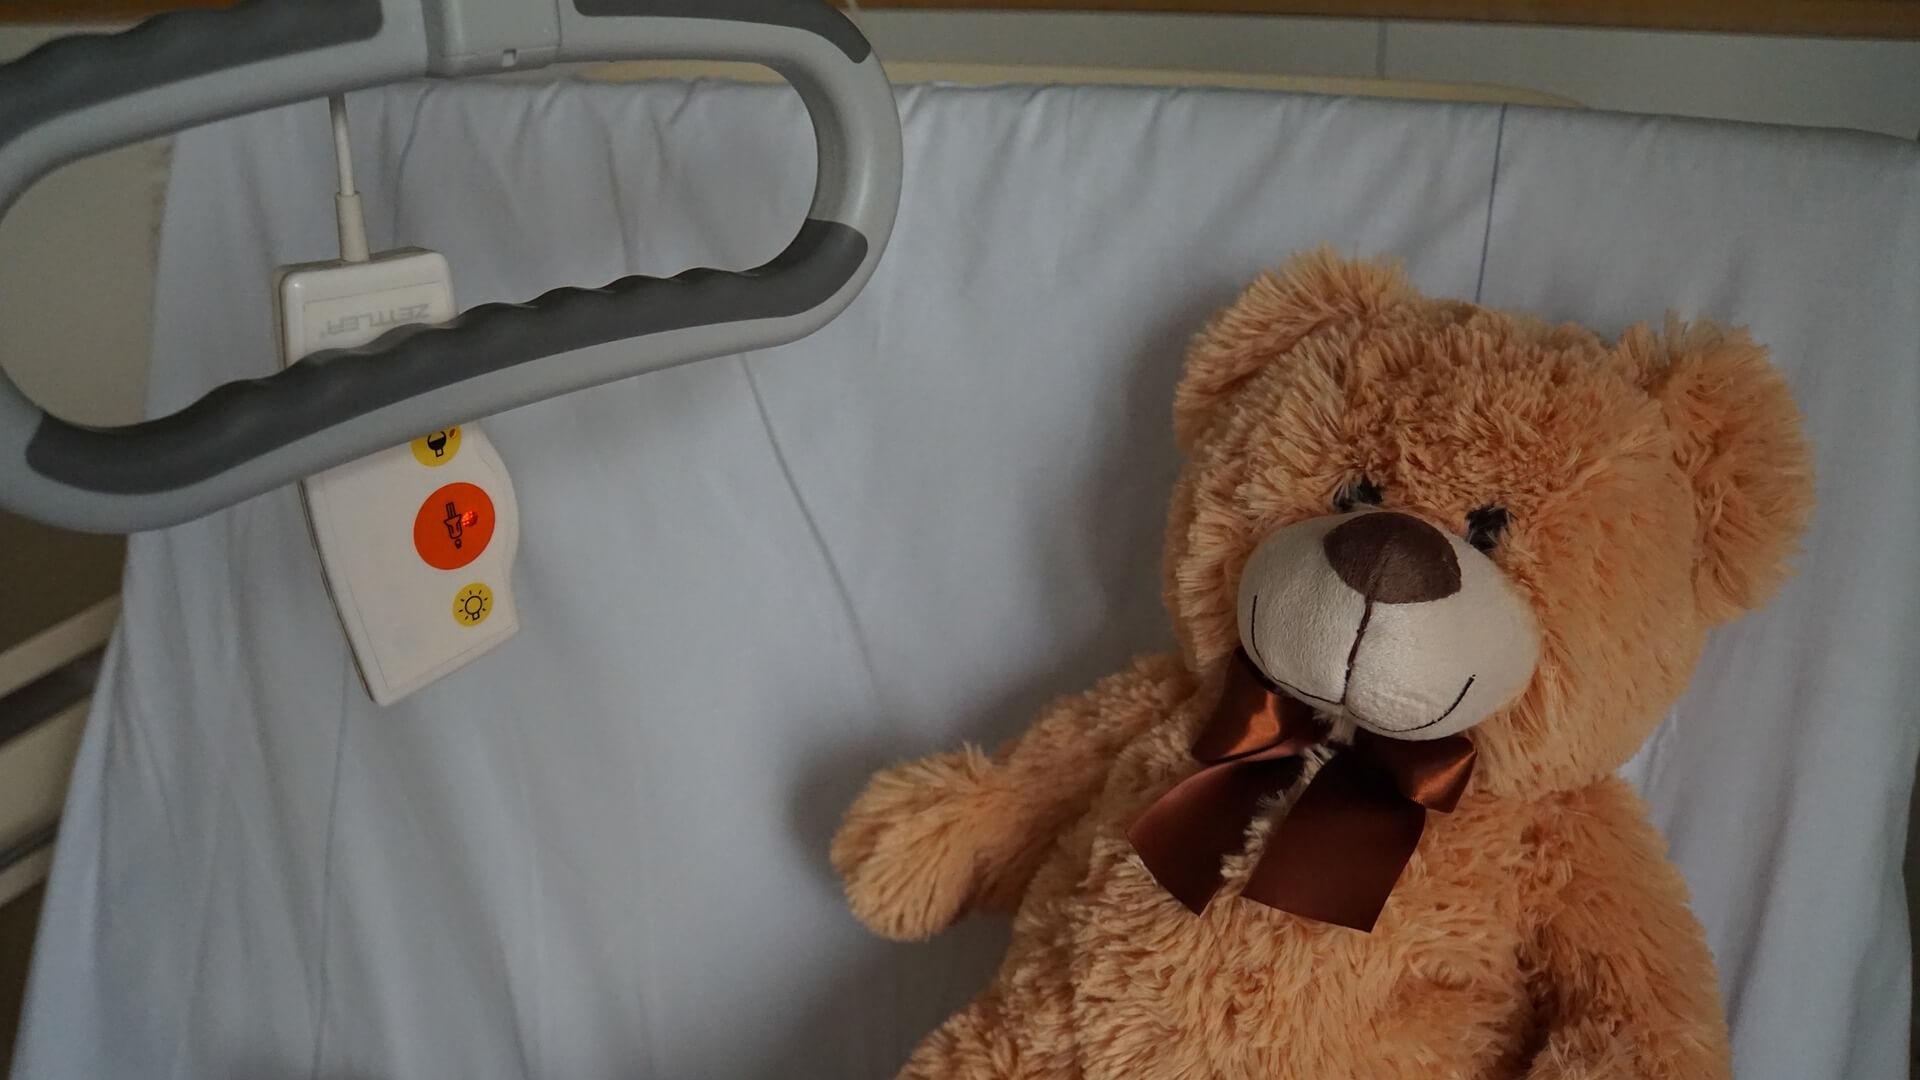 Kinderkrankentage (c) Mylene2401 / pixabay.de